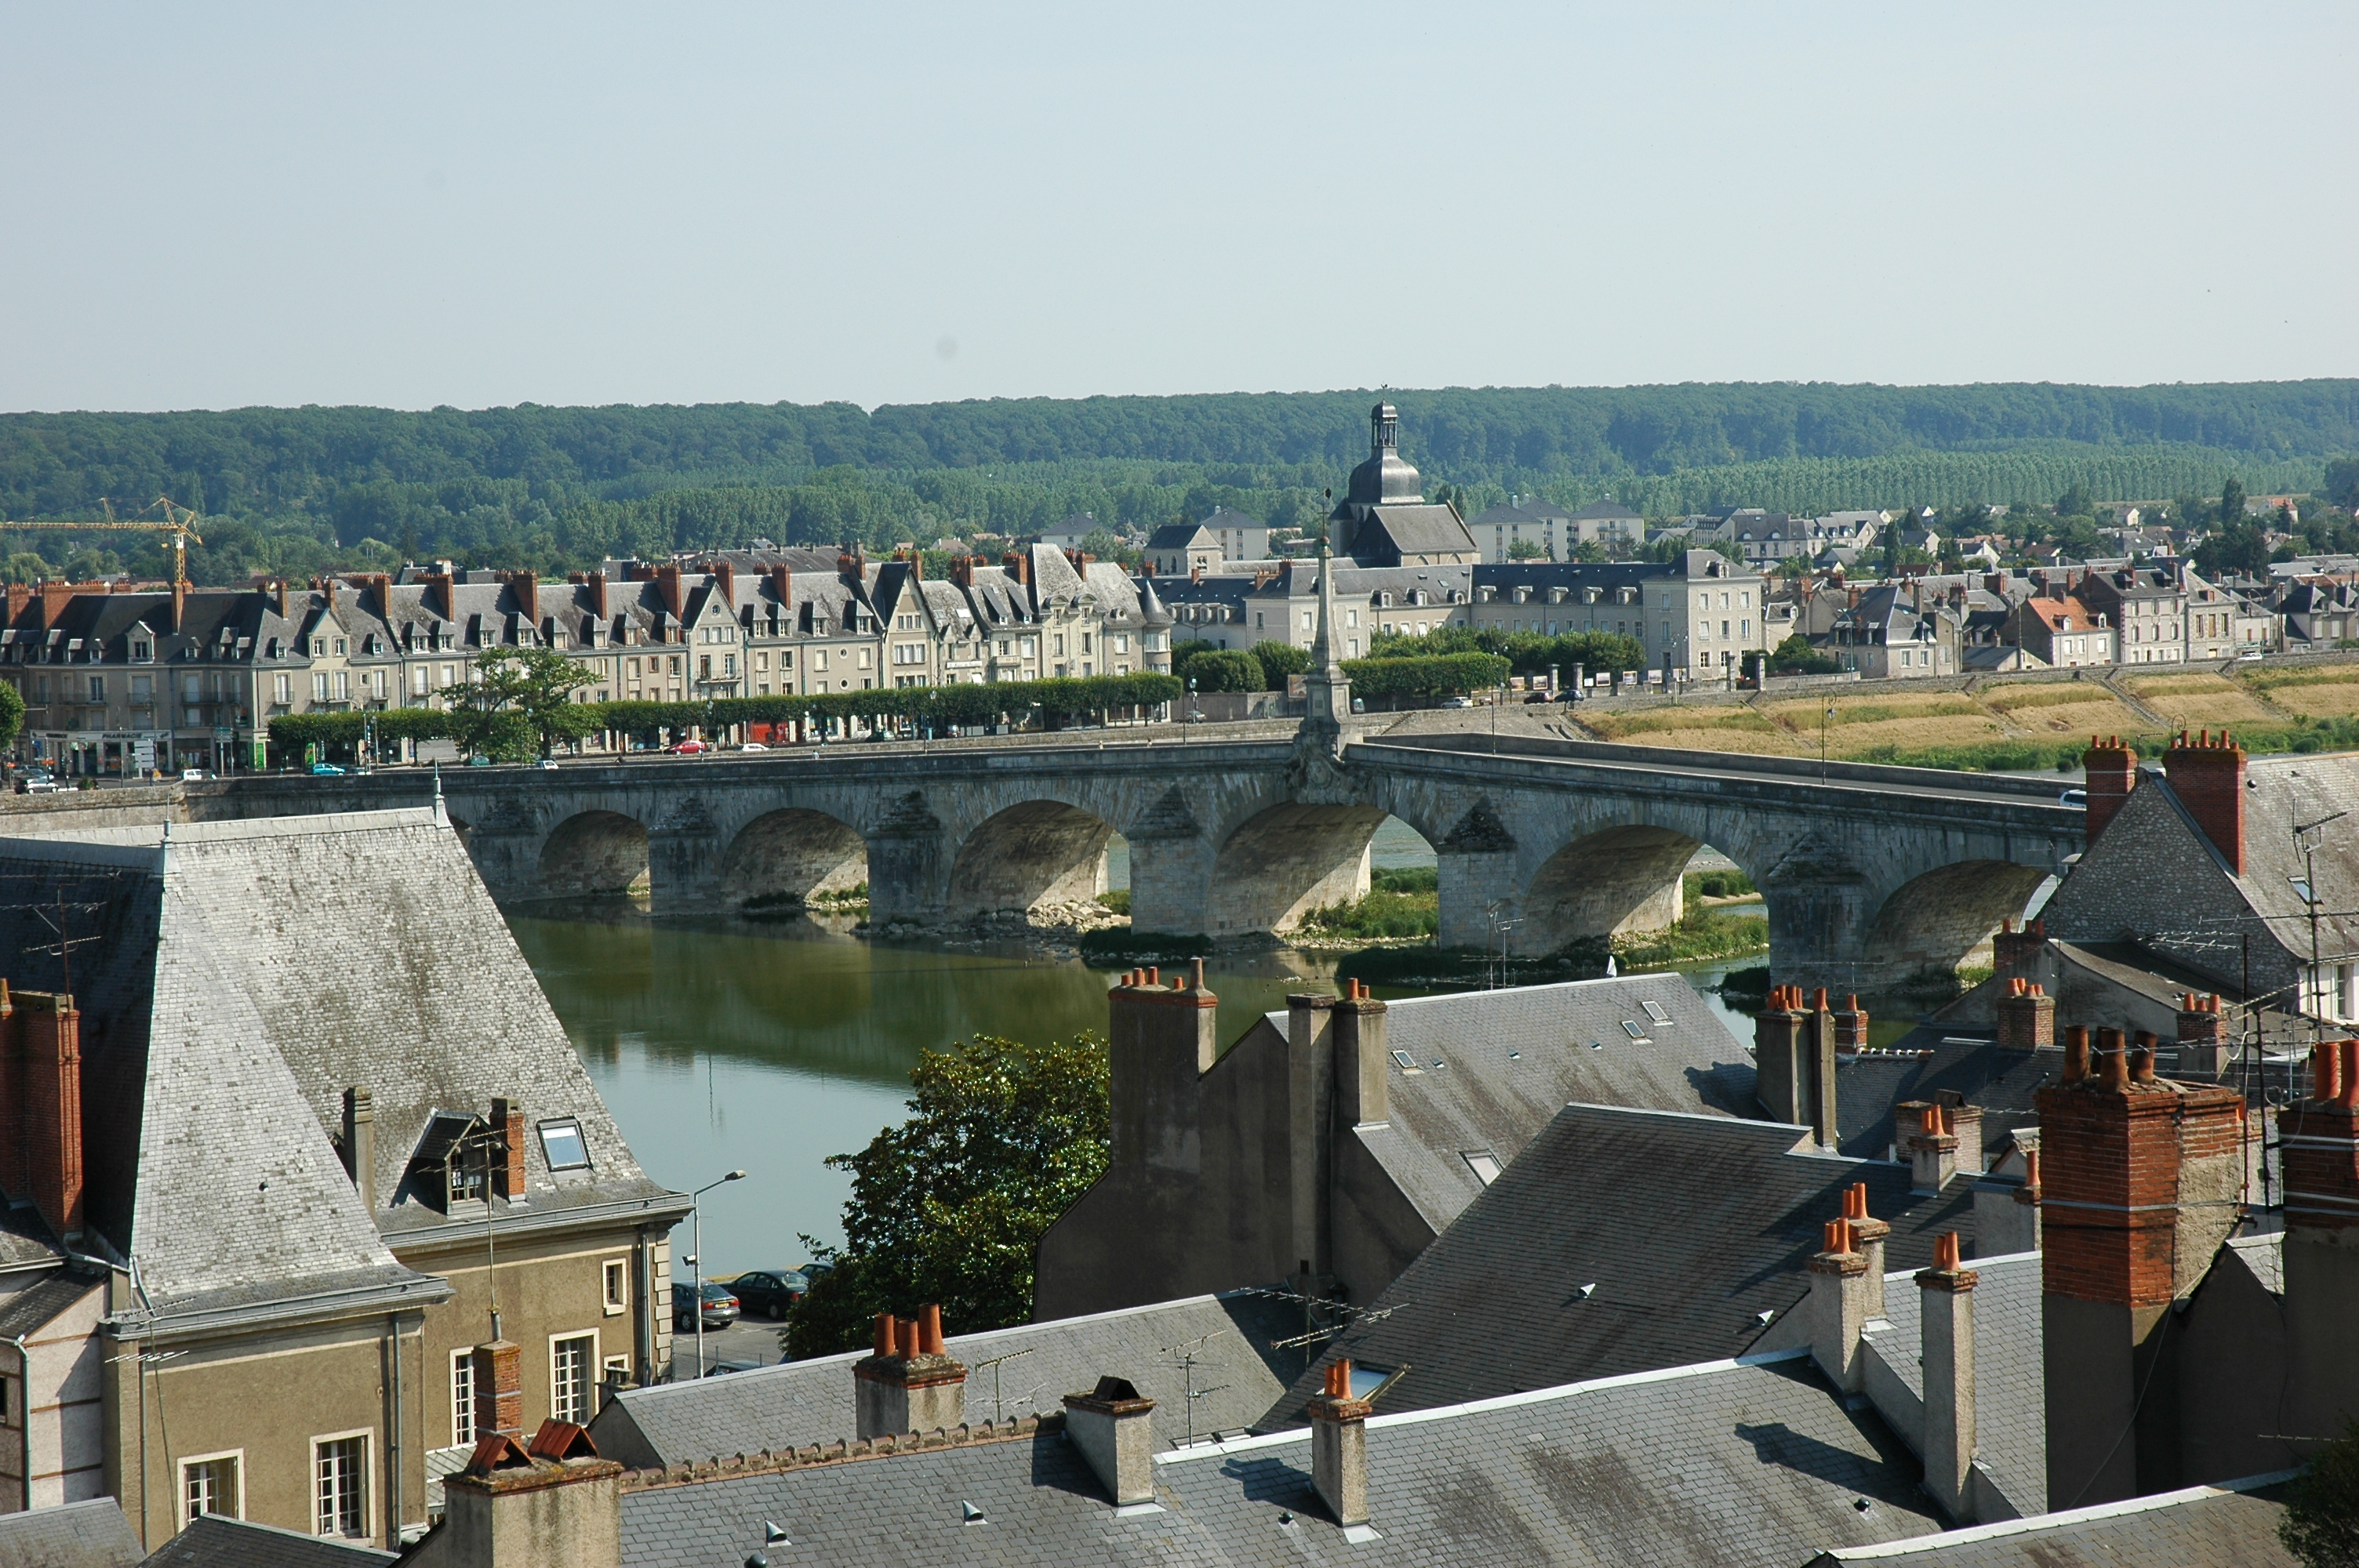 Blois France  City pictures : Fichier:France Loir et Cher Blois Pont Jacques Ange Gabriel 01 ...